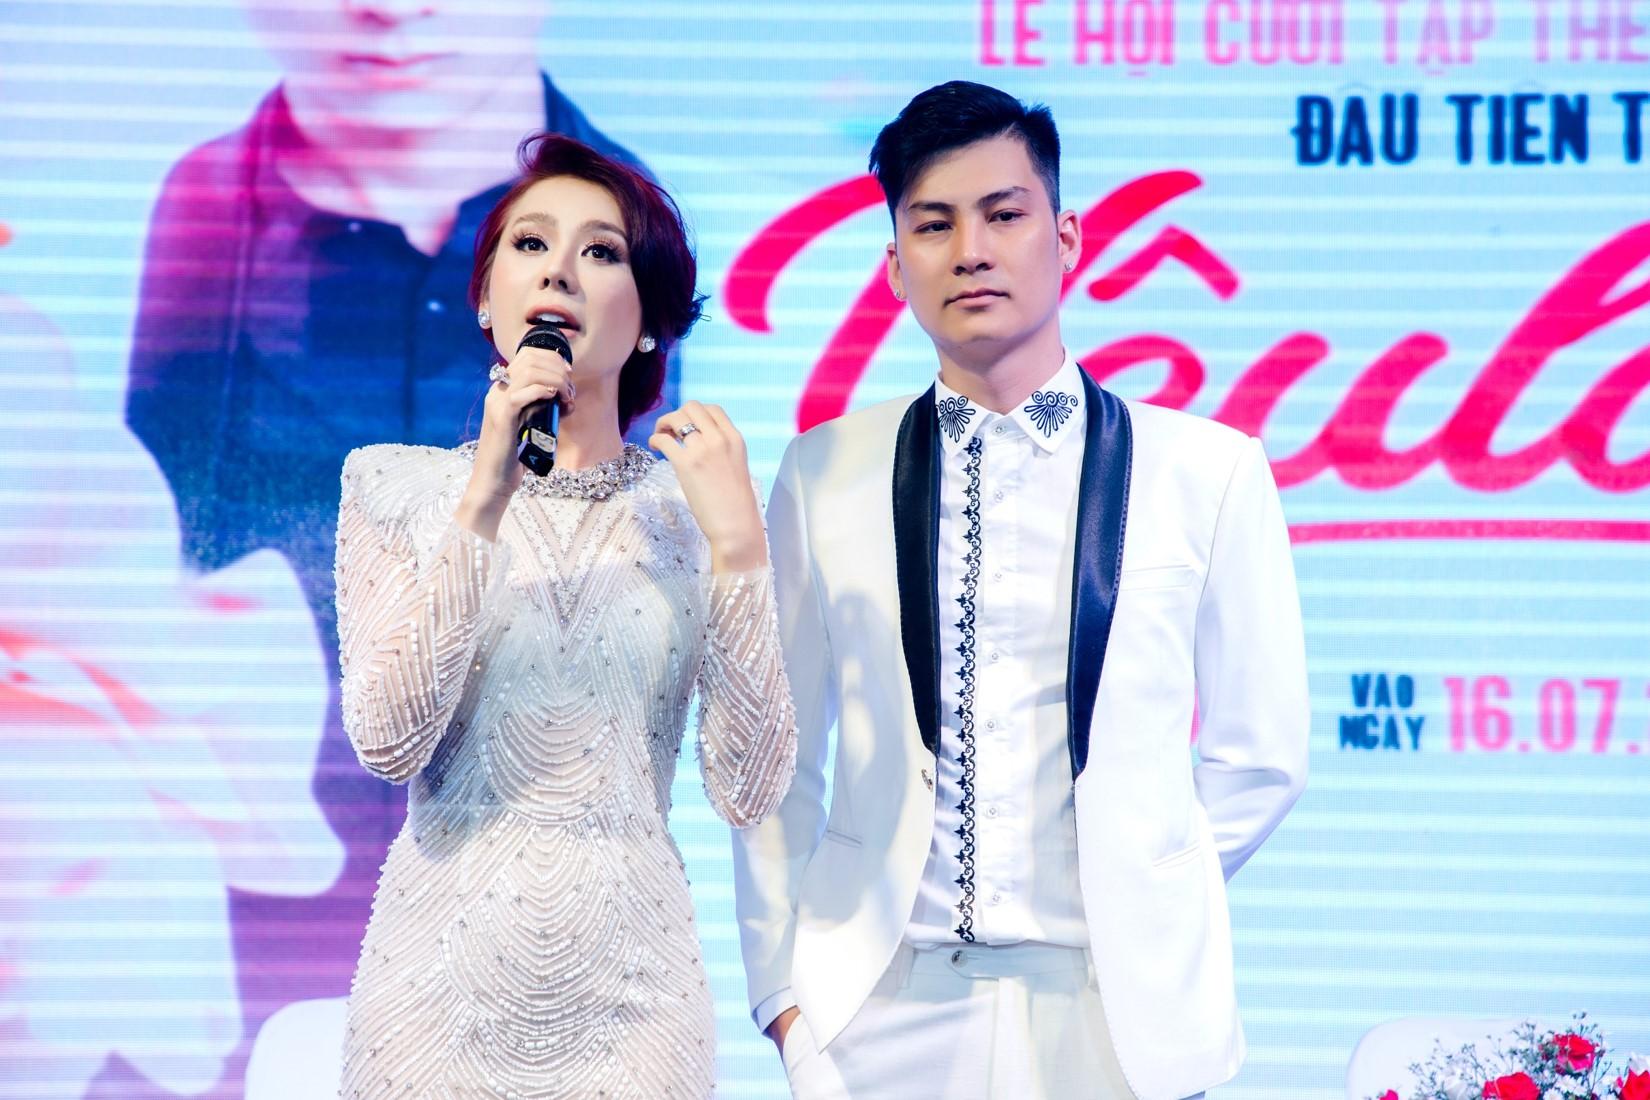 Lâm Khánh Chi chơi trội, chi hơn 2 tỷ làm lễ cưới cho người chuyển giới - 1